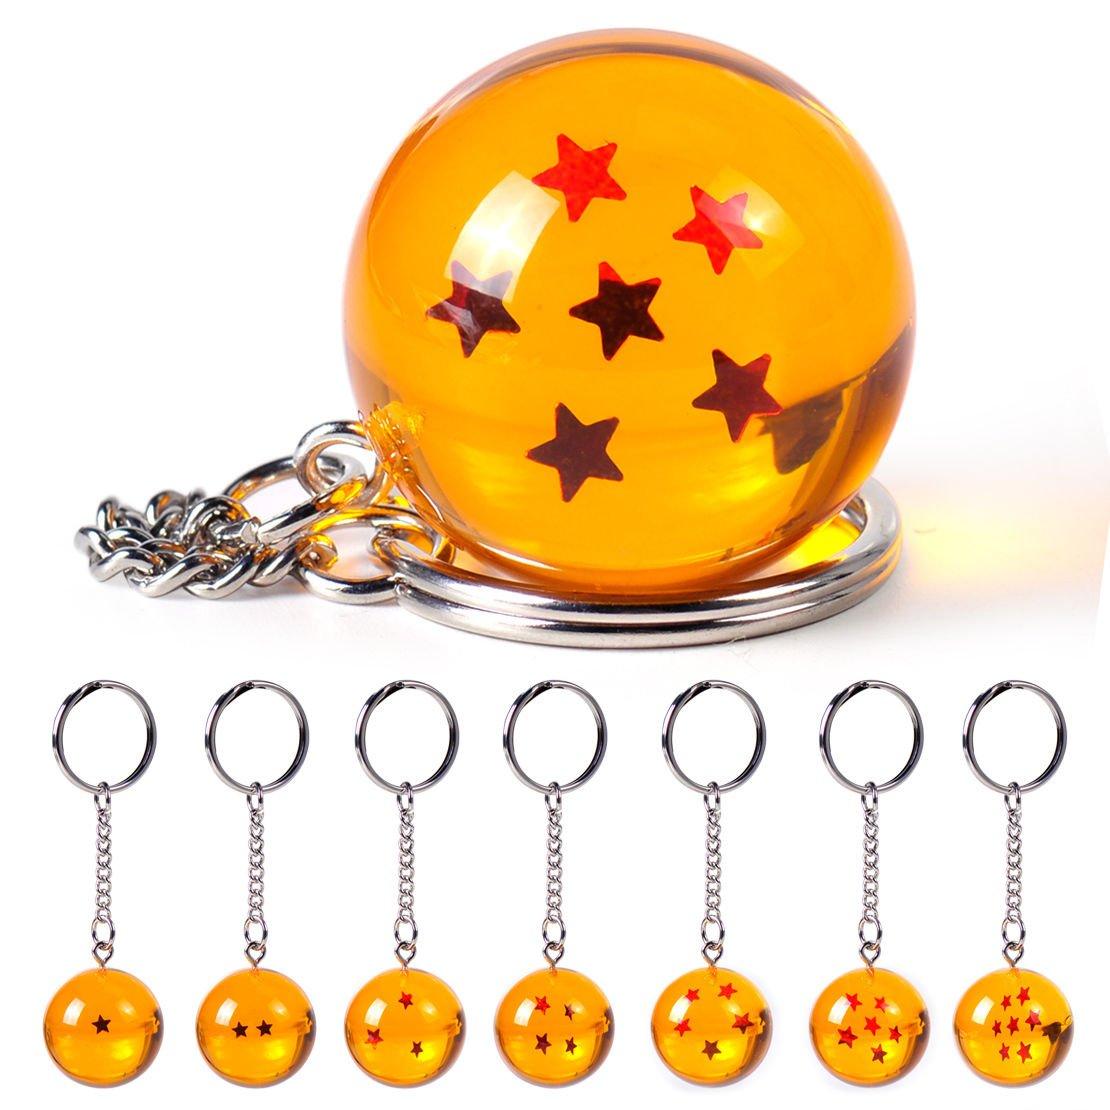 Llavero Netronic, acrílico, 2,7 cm, diseño de estrellas de Dragon Ball Z, 6 stars